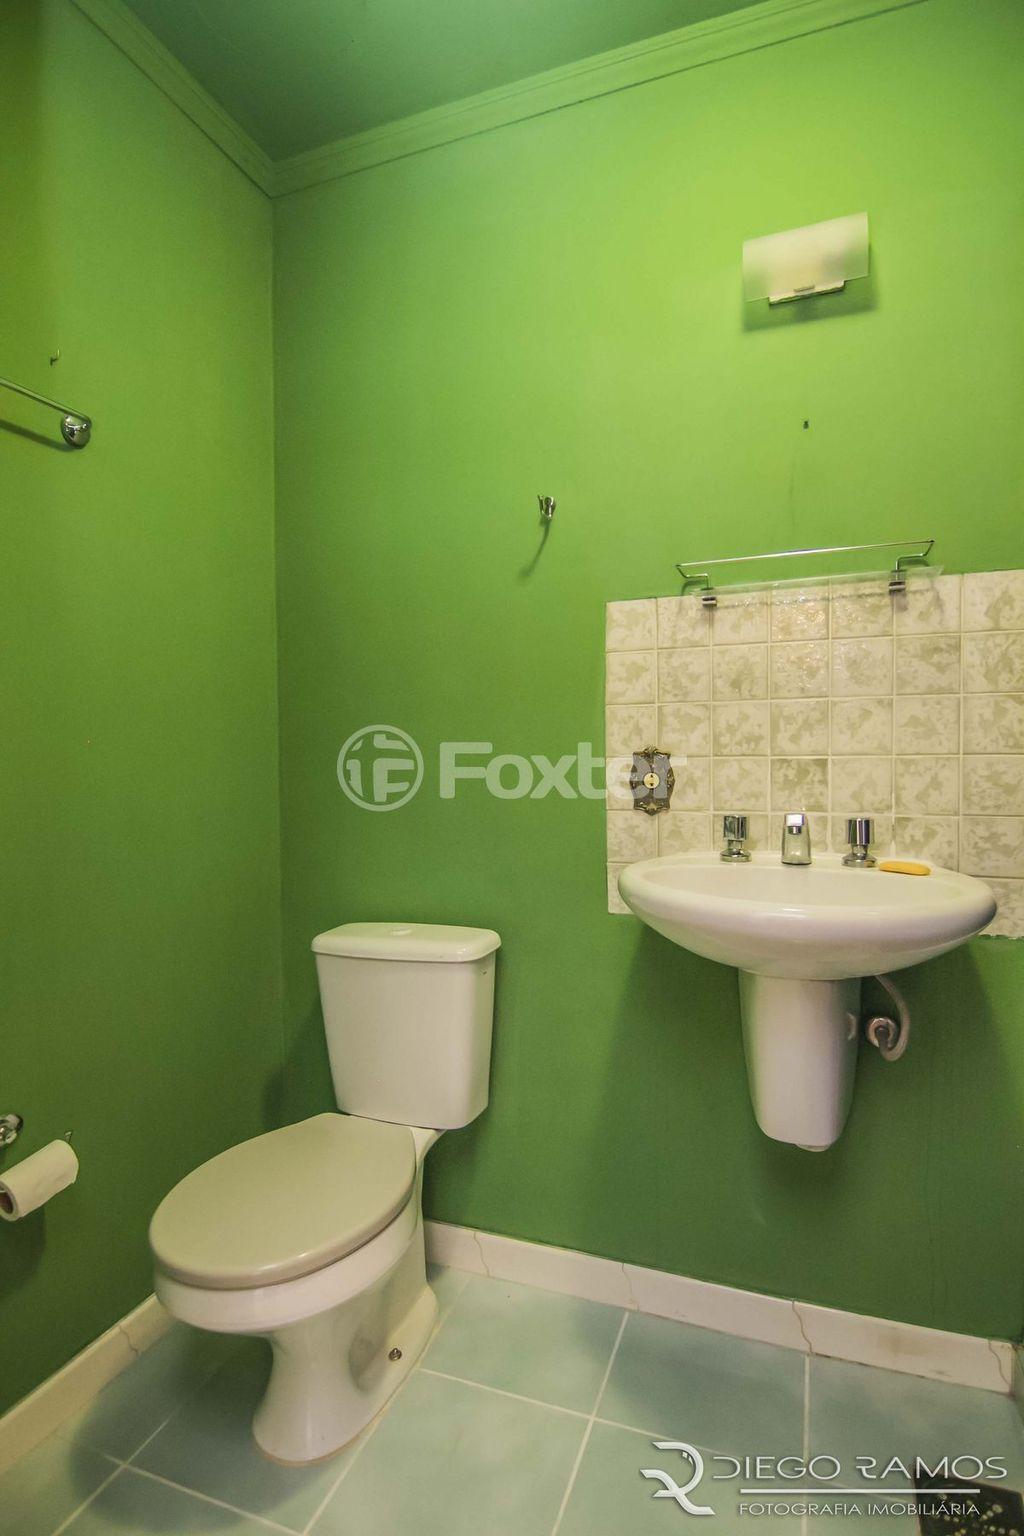 Foxter Imobiliária - Cobertura 1 Dorm (147353) - Foto 10